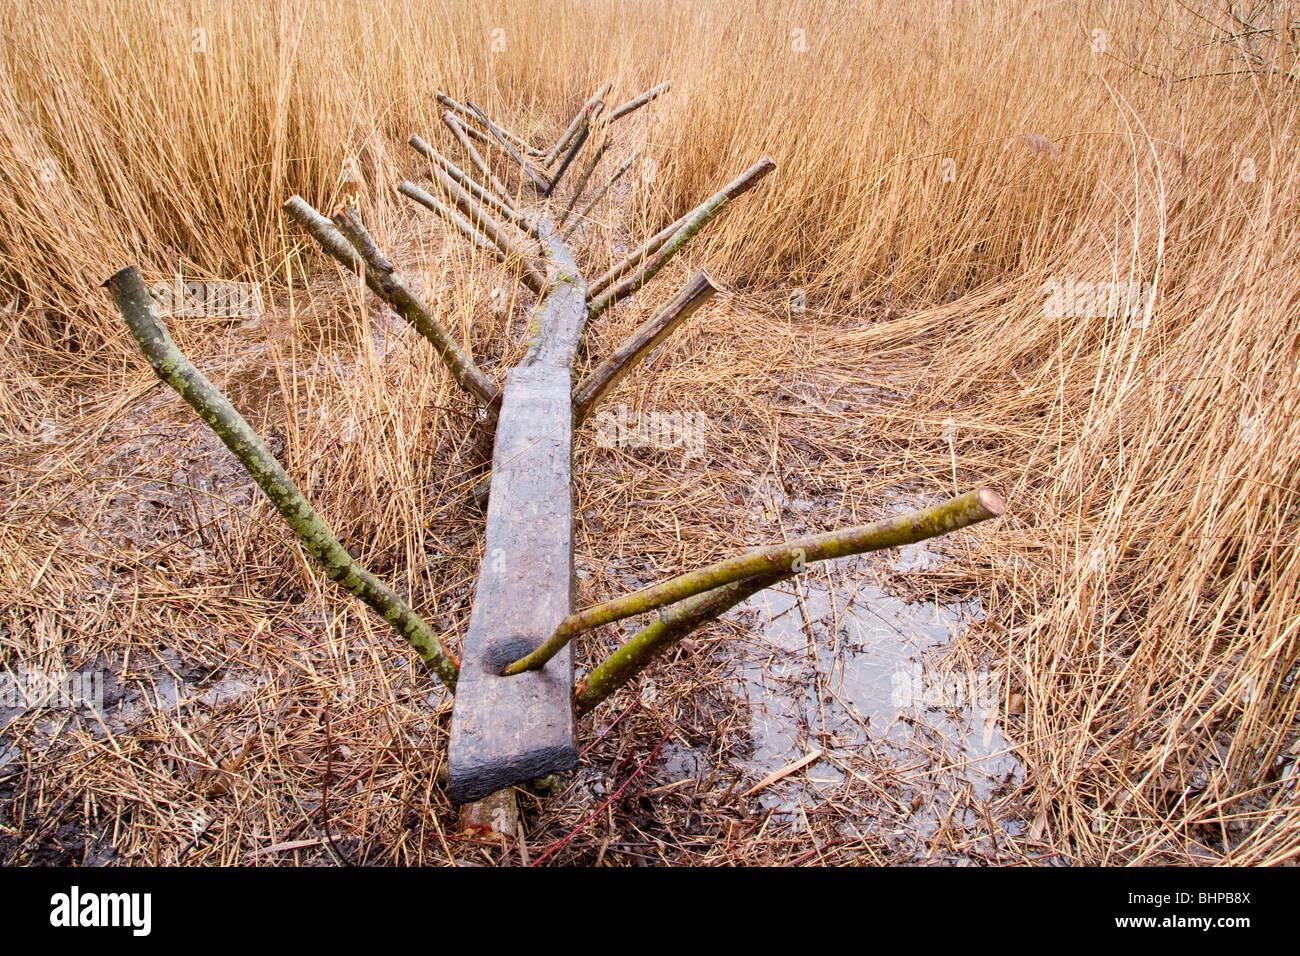 Reconstrucción de la pista dulce (un hombre hecho Neolítico camino o ruta a través de los humedales) Shapwick Heath, niveles de Somerset, Reino Unido Foto de stock